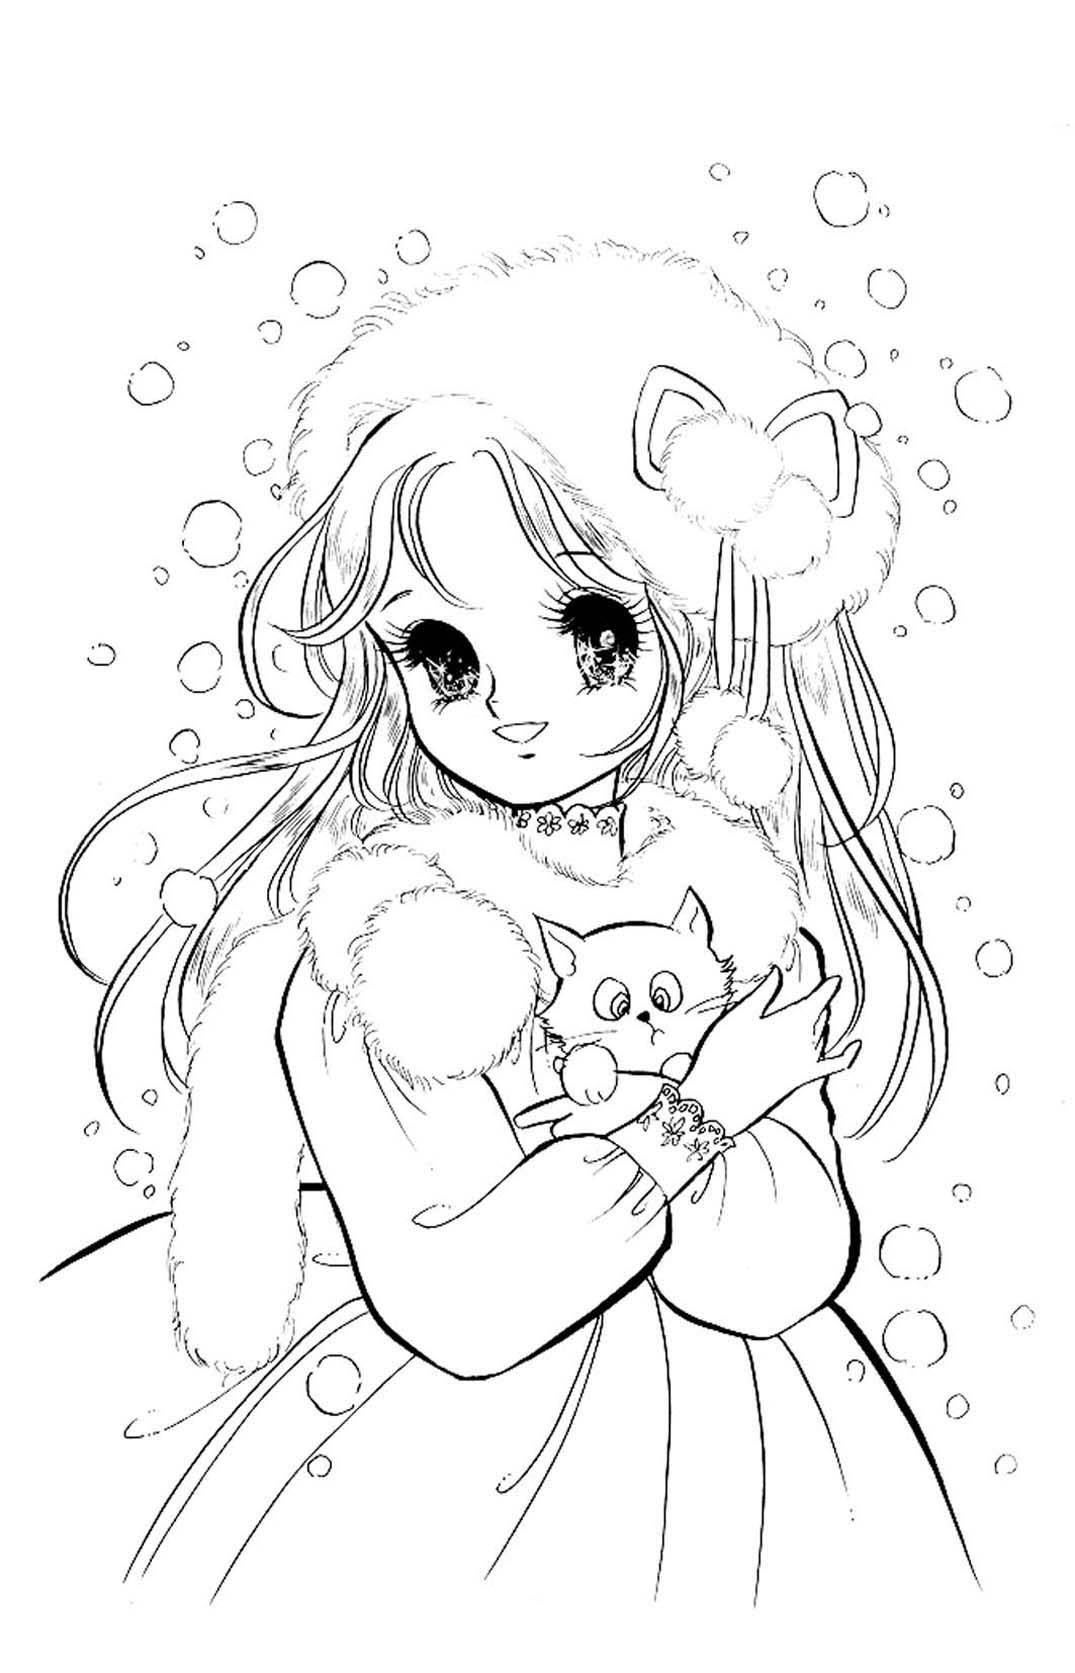 Hình tô màu công chúa anime đẹp, dễ thương